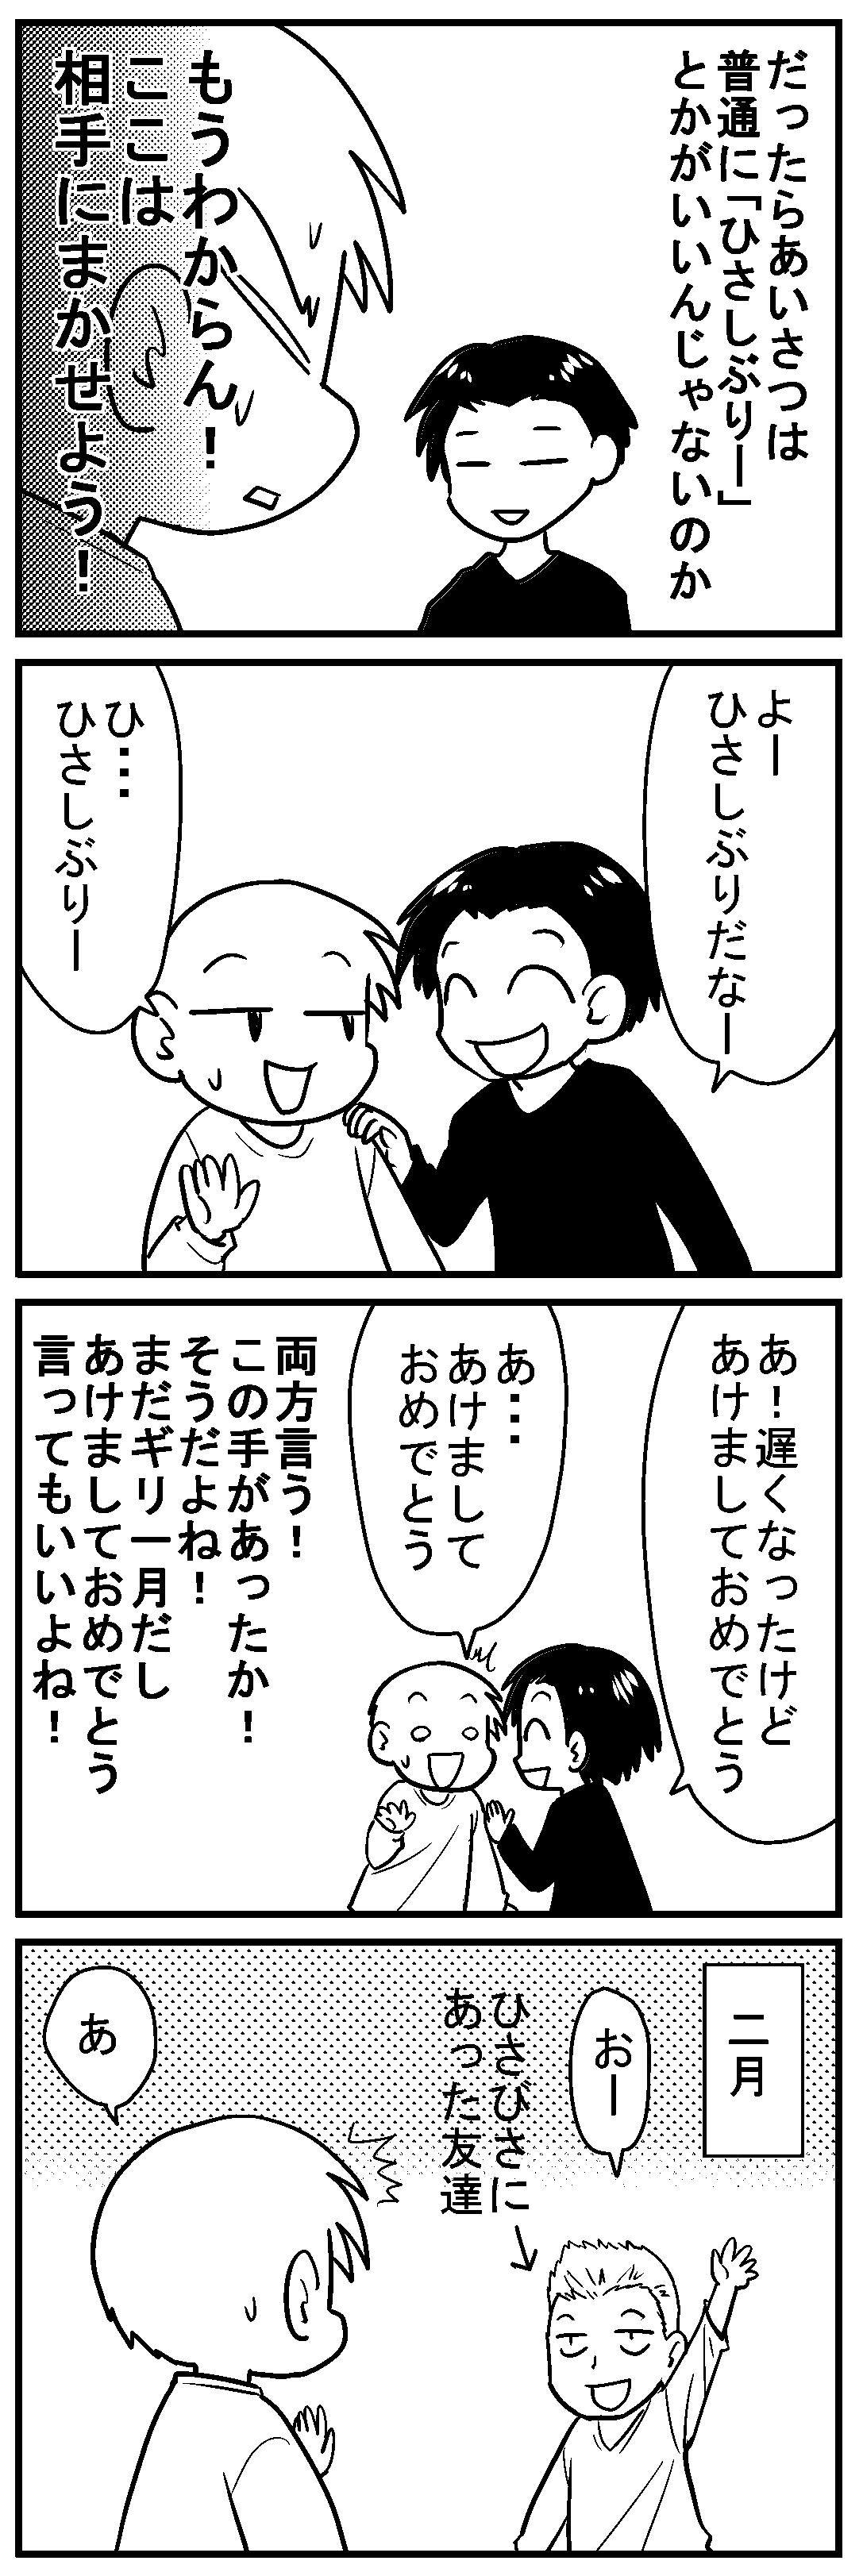 深読みくん38 4